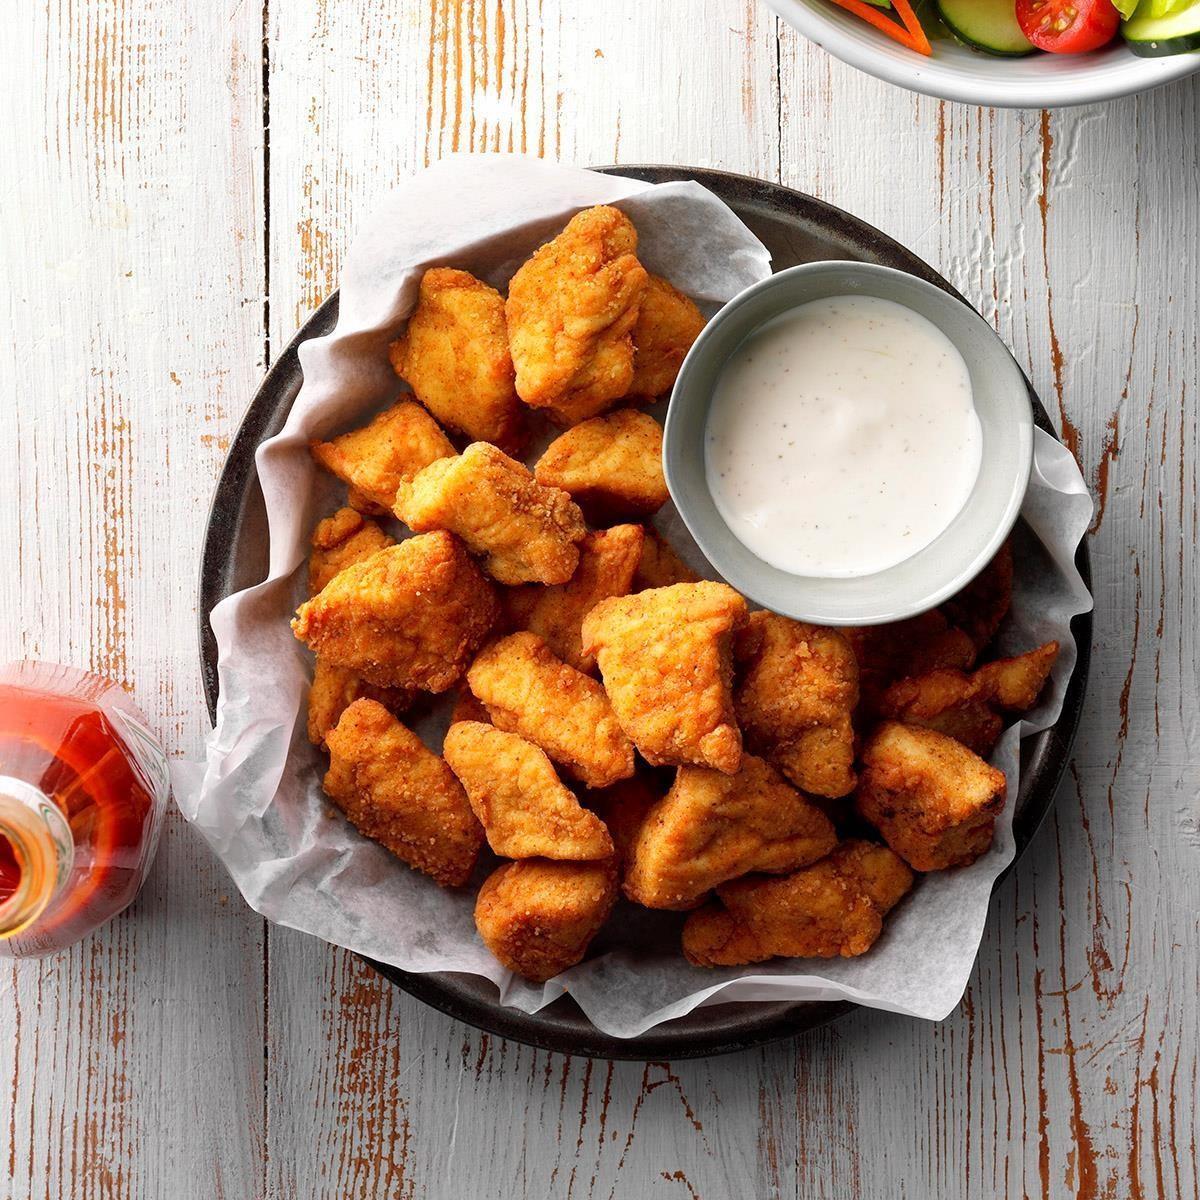 Chicken Nuggets Exps Sdon18 1500 E06 13 1b 7